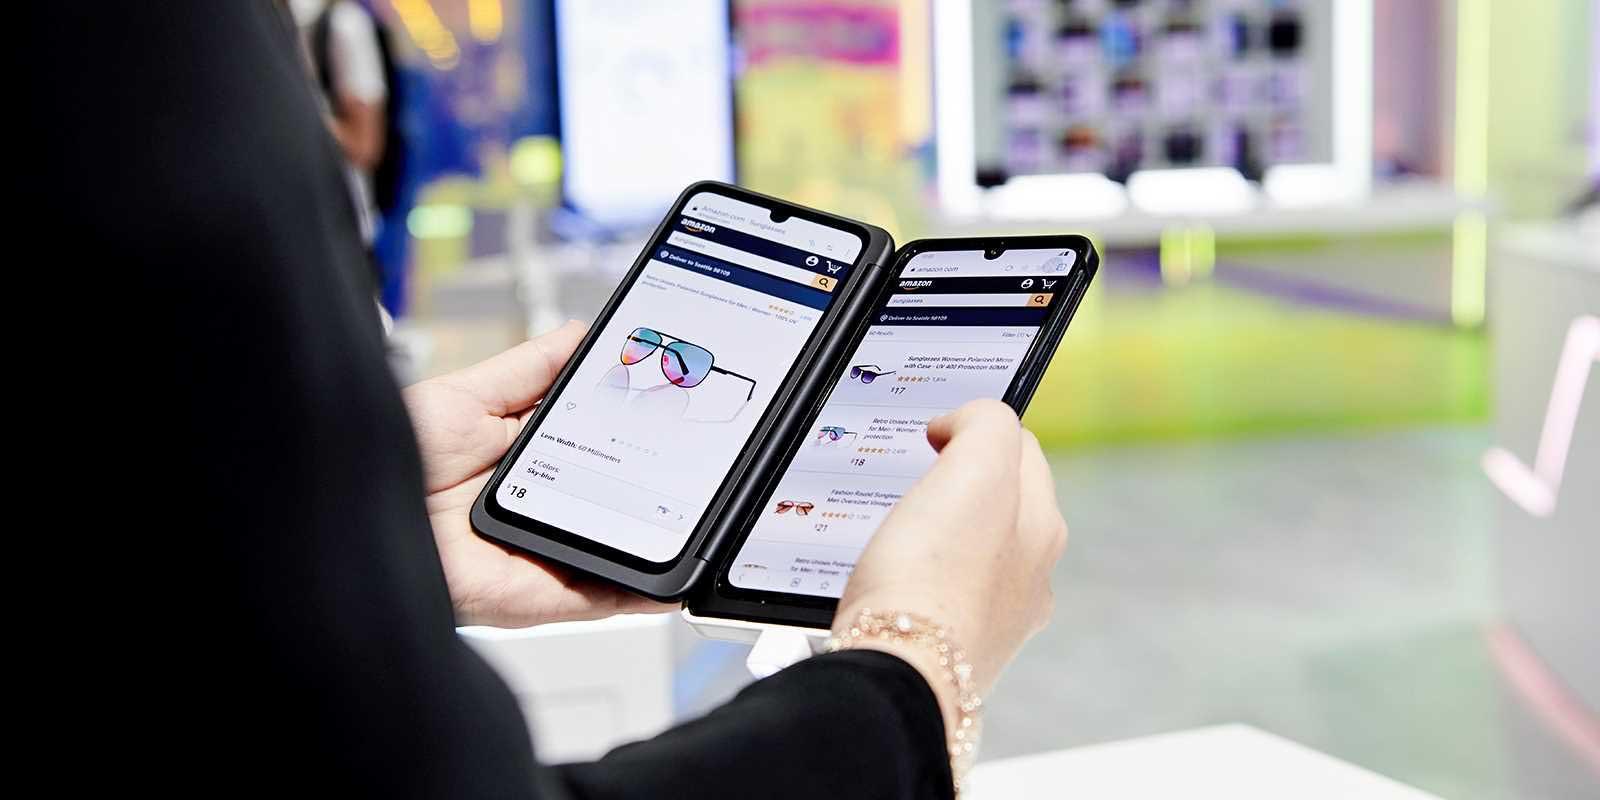 ال جی موبایل امیدوار است سال ۲۰۲۱ به سوددهی برسد